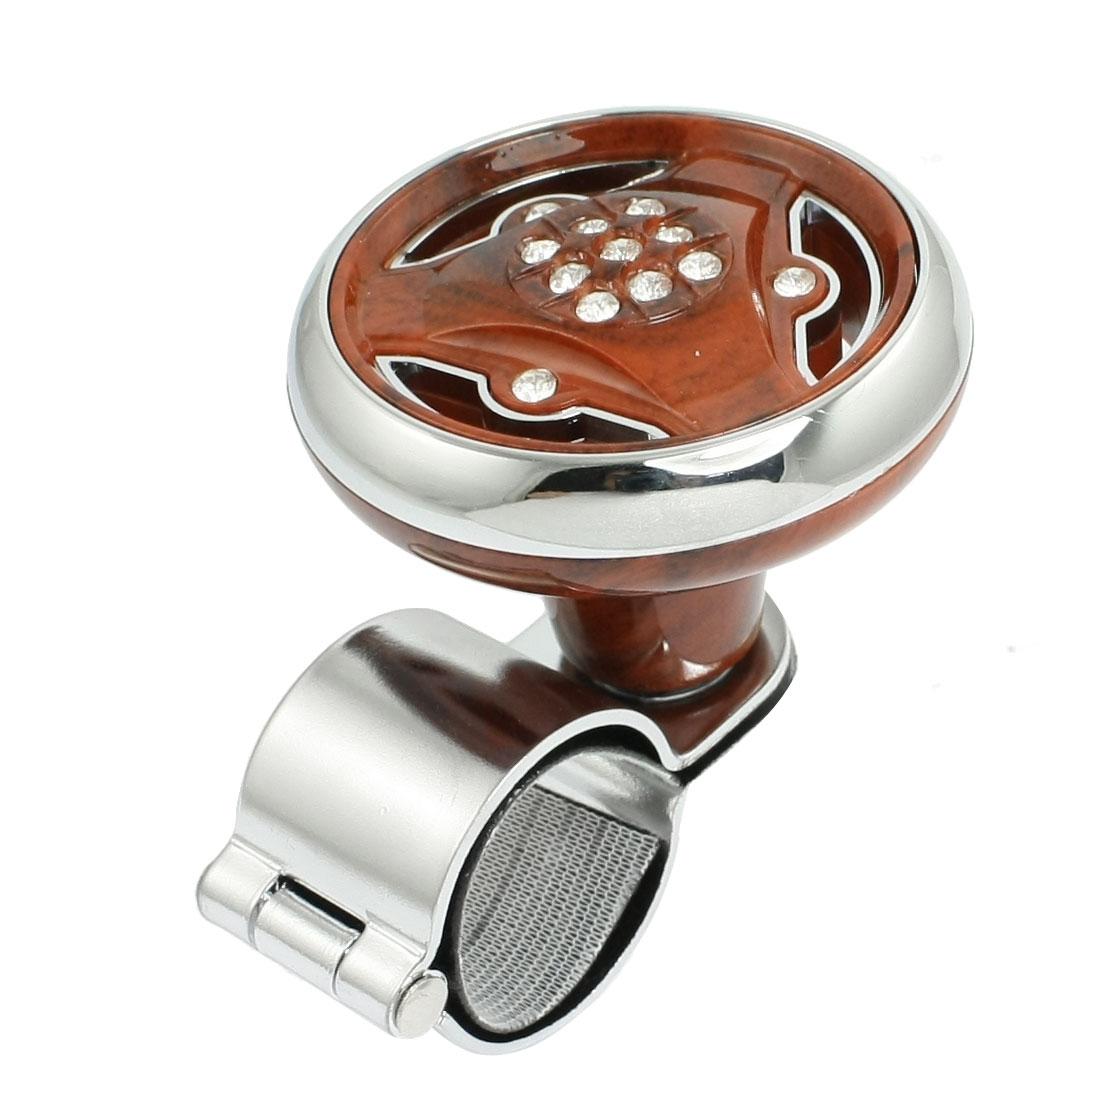 Rhinestone Detail Silver Tone Brown Car Steering Wheel Spinner Knob